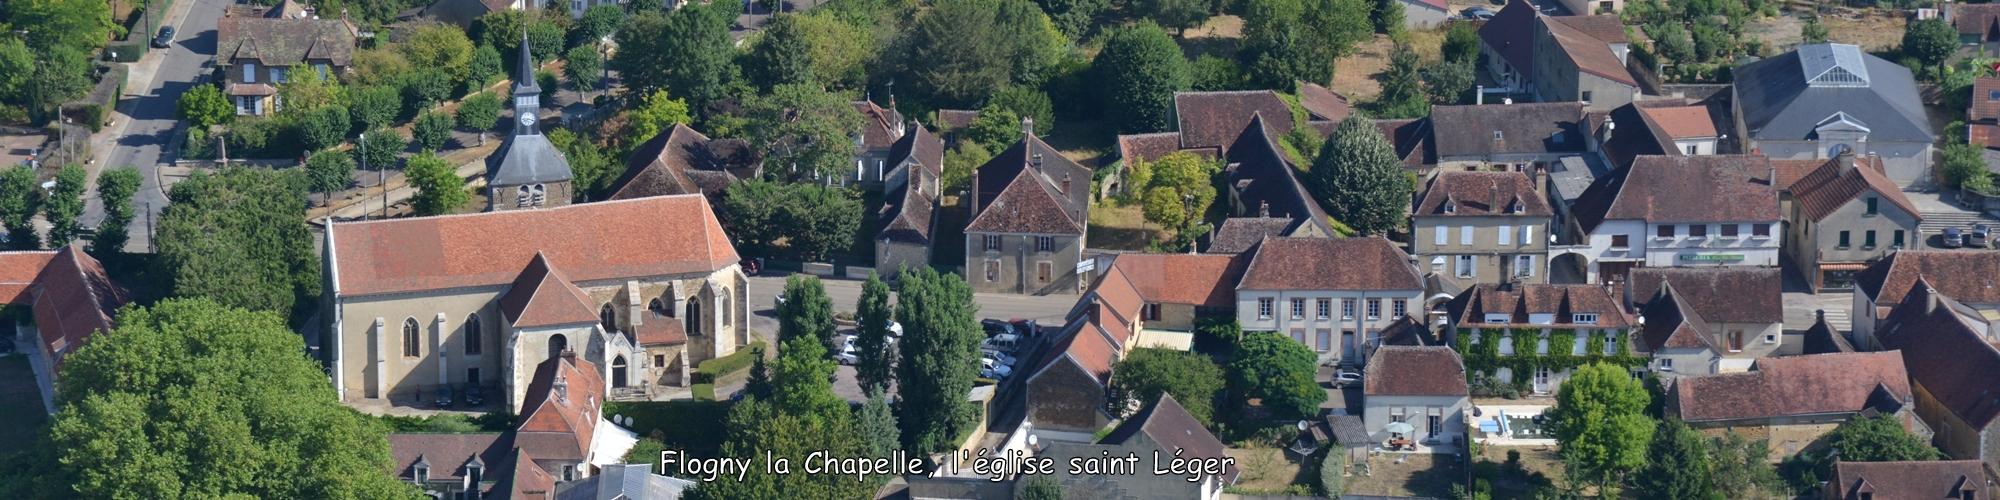 Eglise st Léger